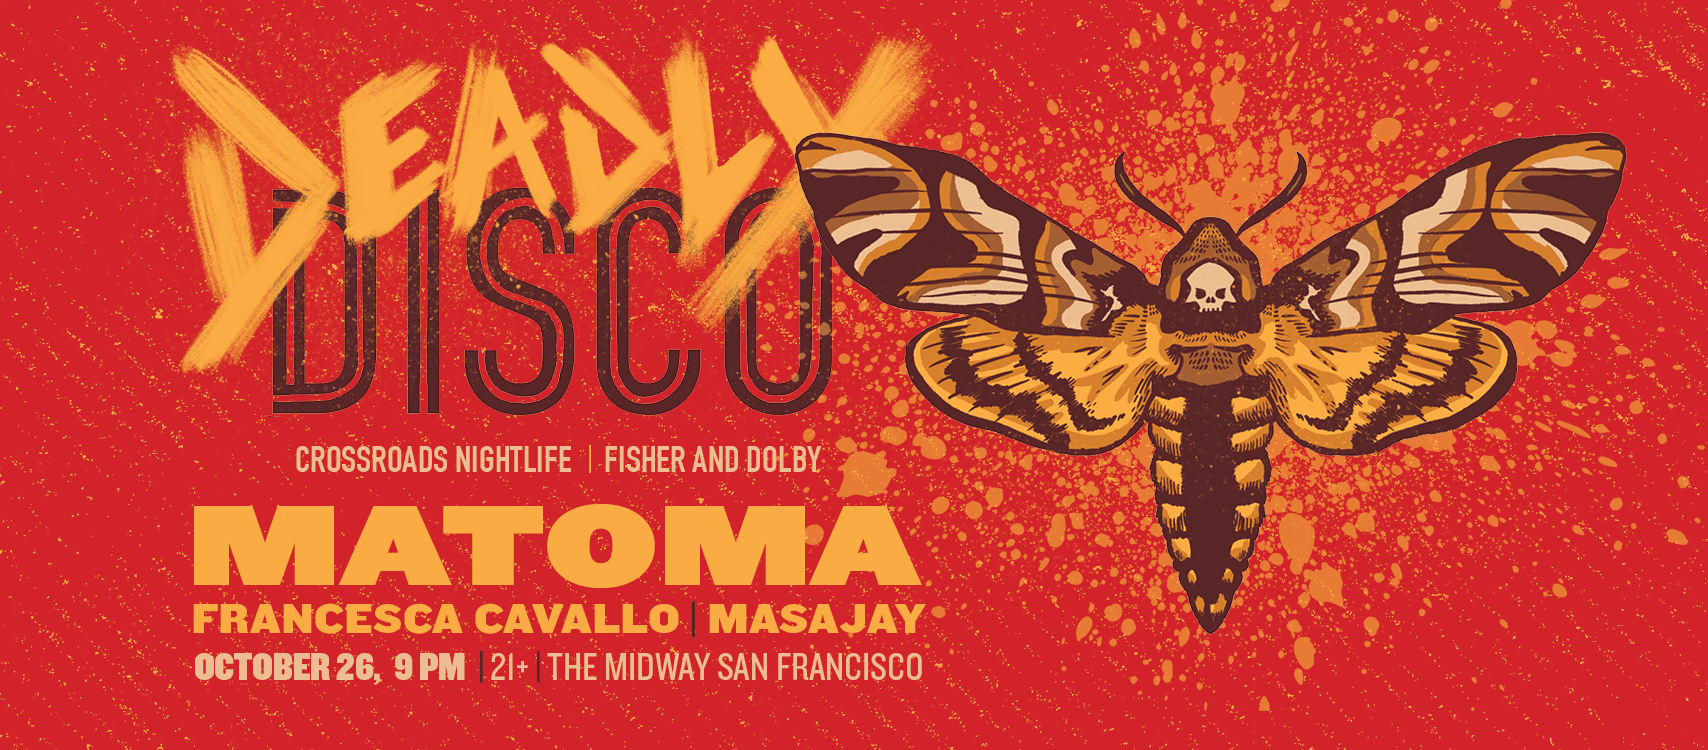 deadlydisco_facebook_final_08.19.19.jpg